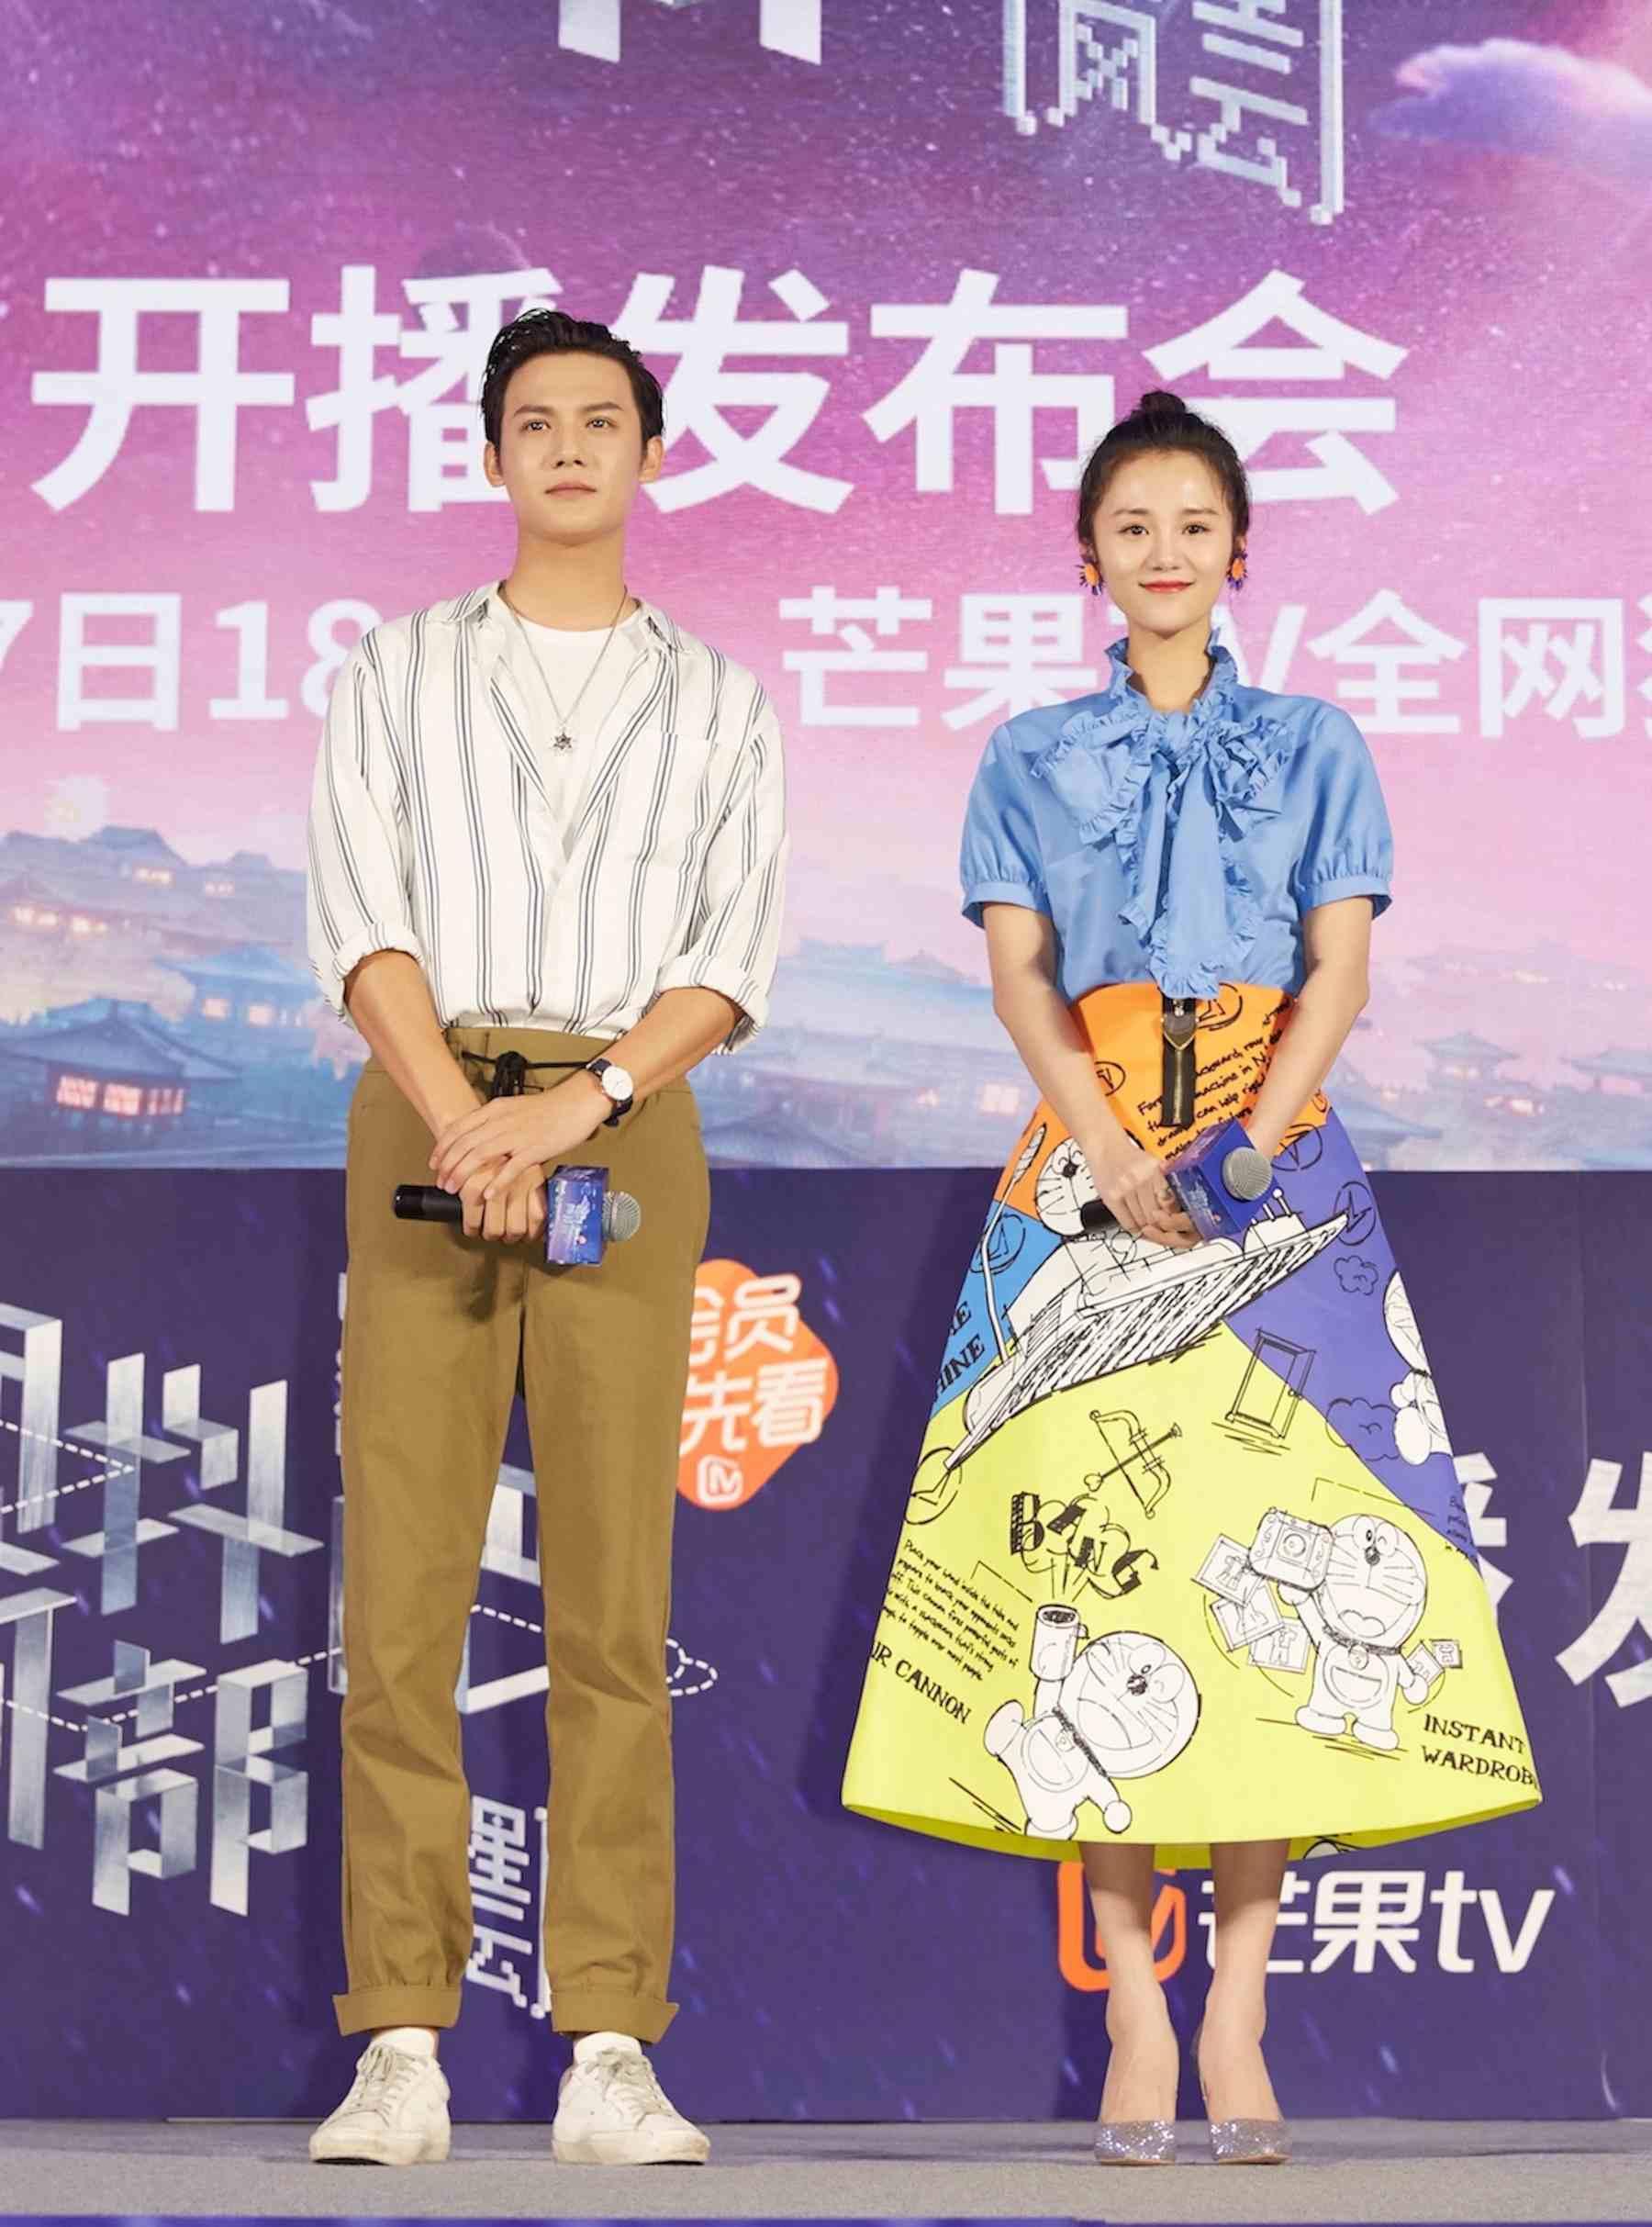 《颤抖吧阿部2》定档 安悦溪精分炸裂式演技成史上最强女主